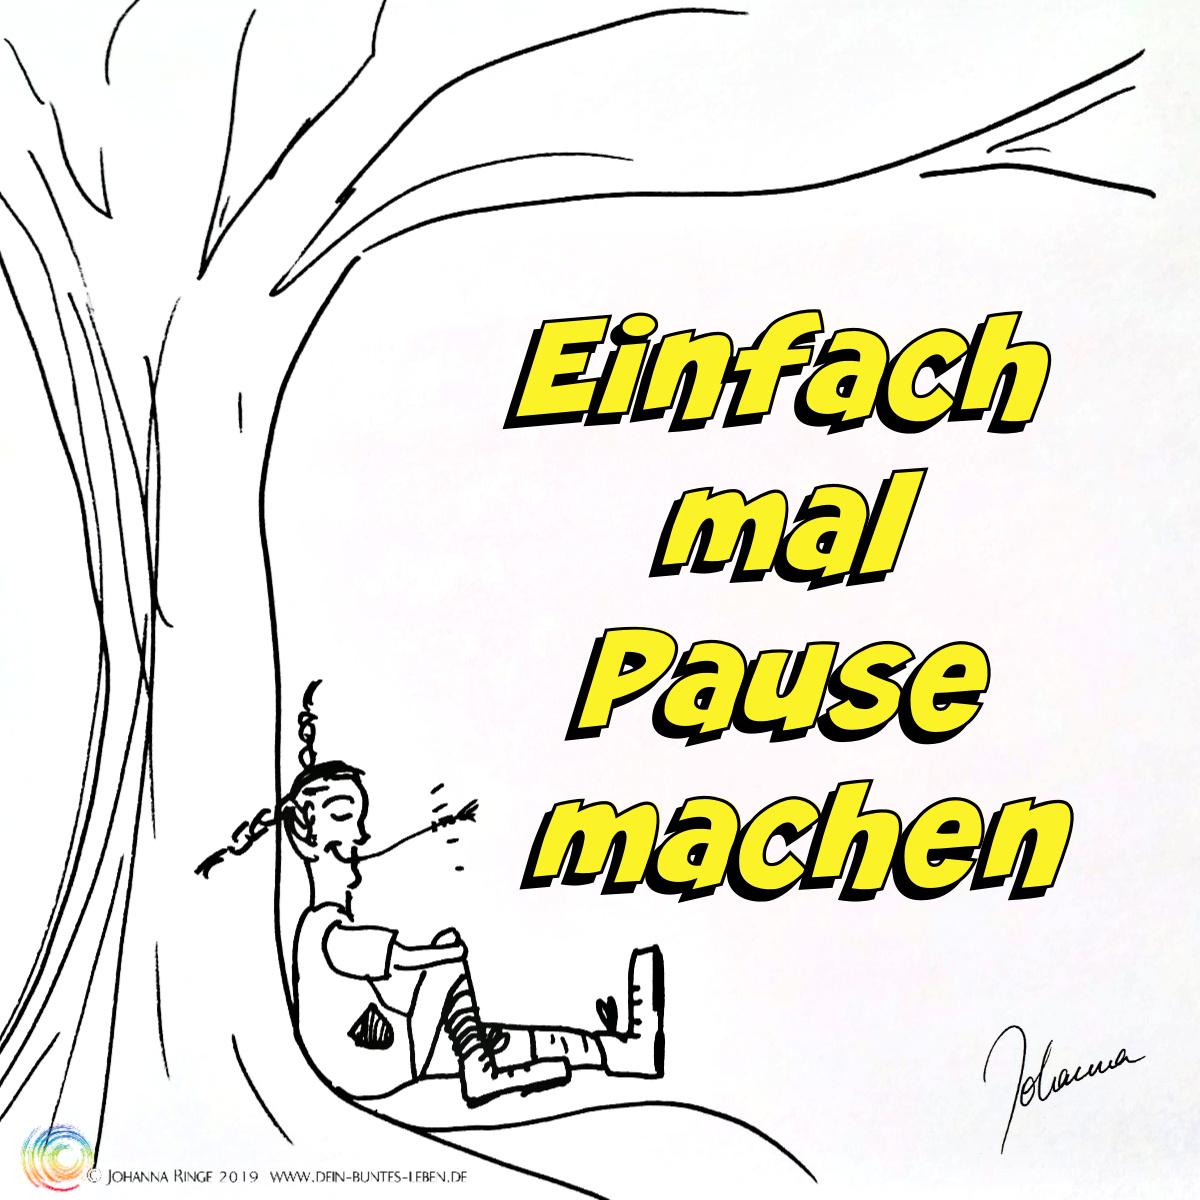 Einfach mal Pause machen: Text vor Zeichnung eines zufrieden unterm Baum sitzenden Mädchens. ©Johanna Ringe 2019 www.dein-buntes-leben.de